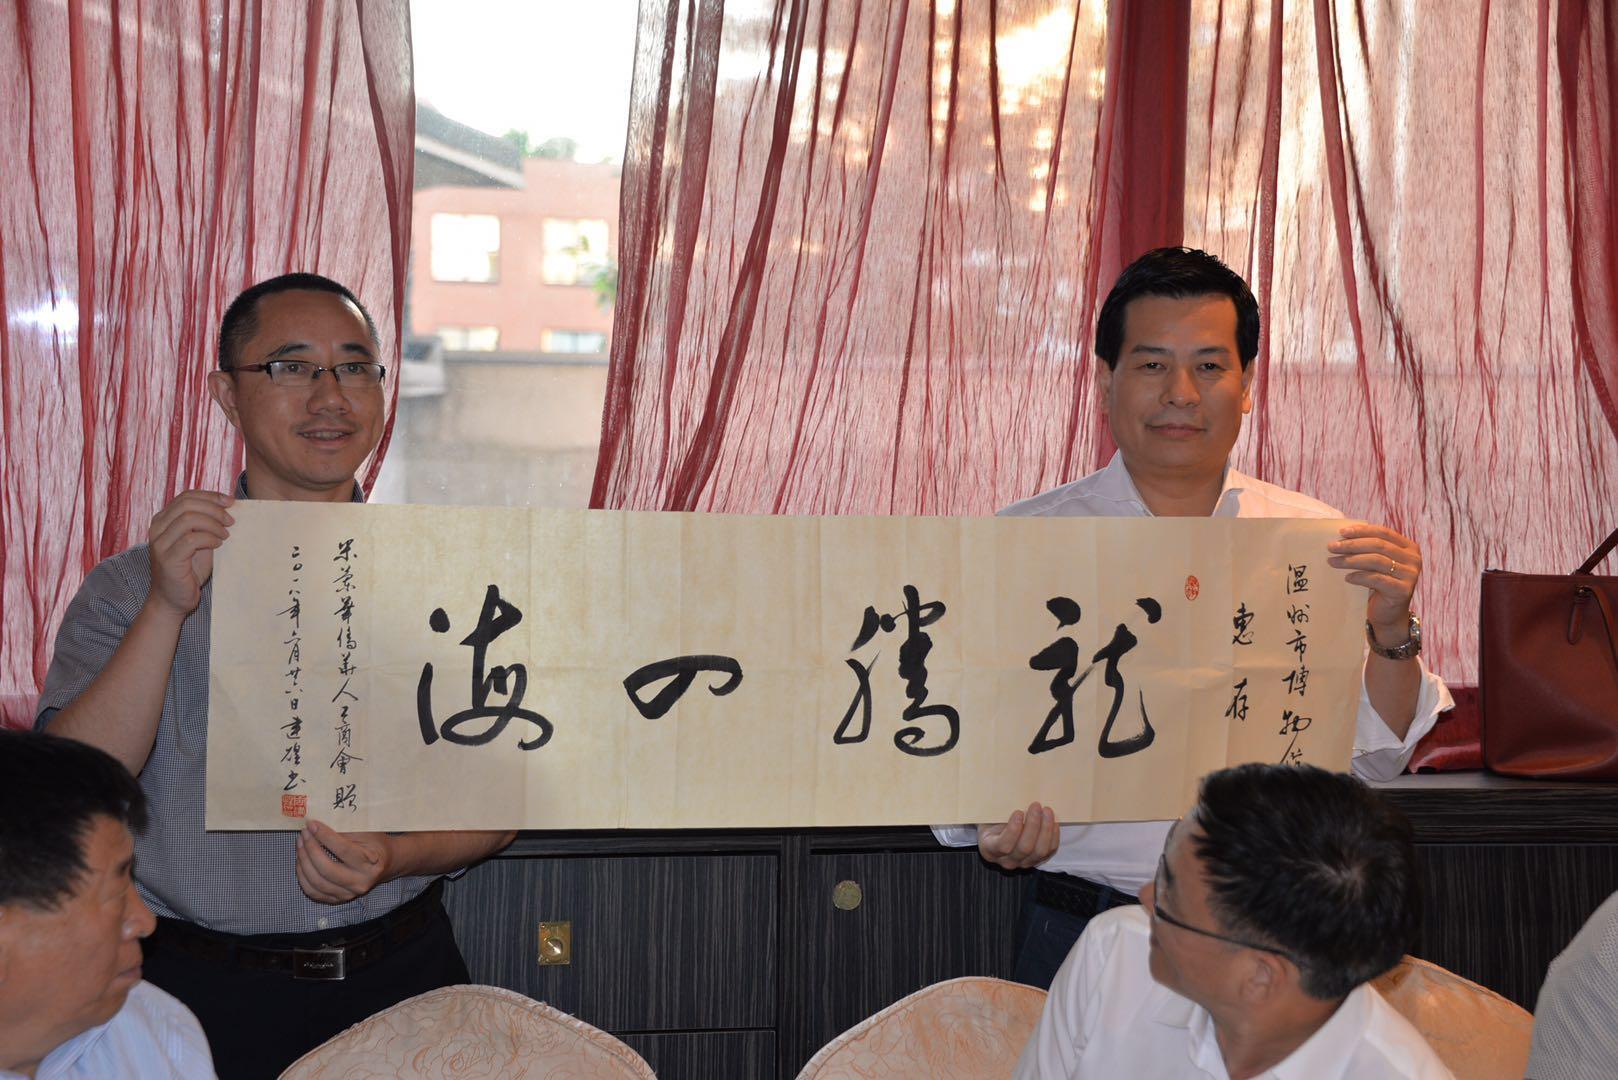 世界温州人博物馆展品征集座谈会在米兰举行 温籍侨胞踊跃捐献 ... ... ... ...